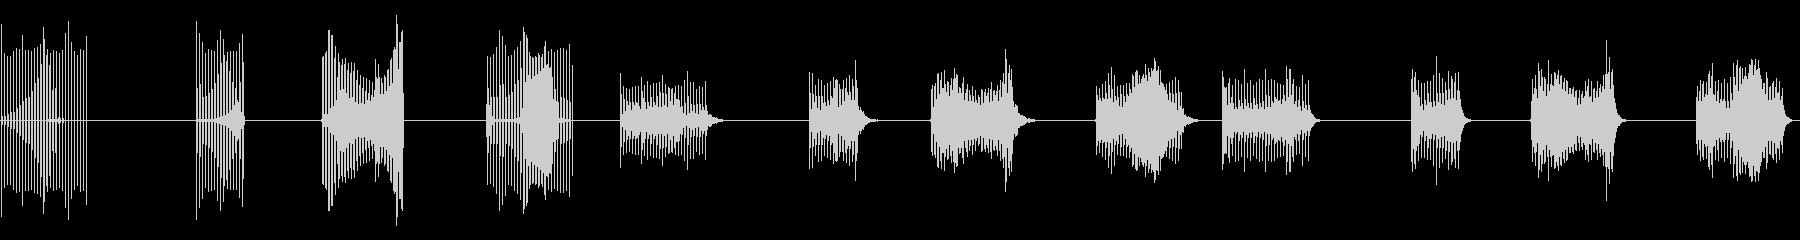 サンプルとホールド、4バージョンX...の未再生の波形